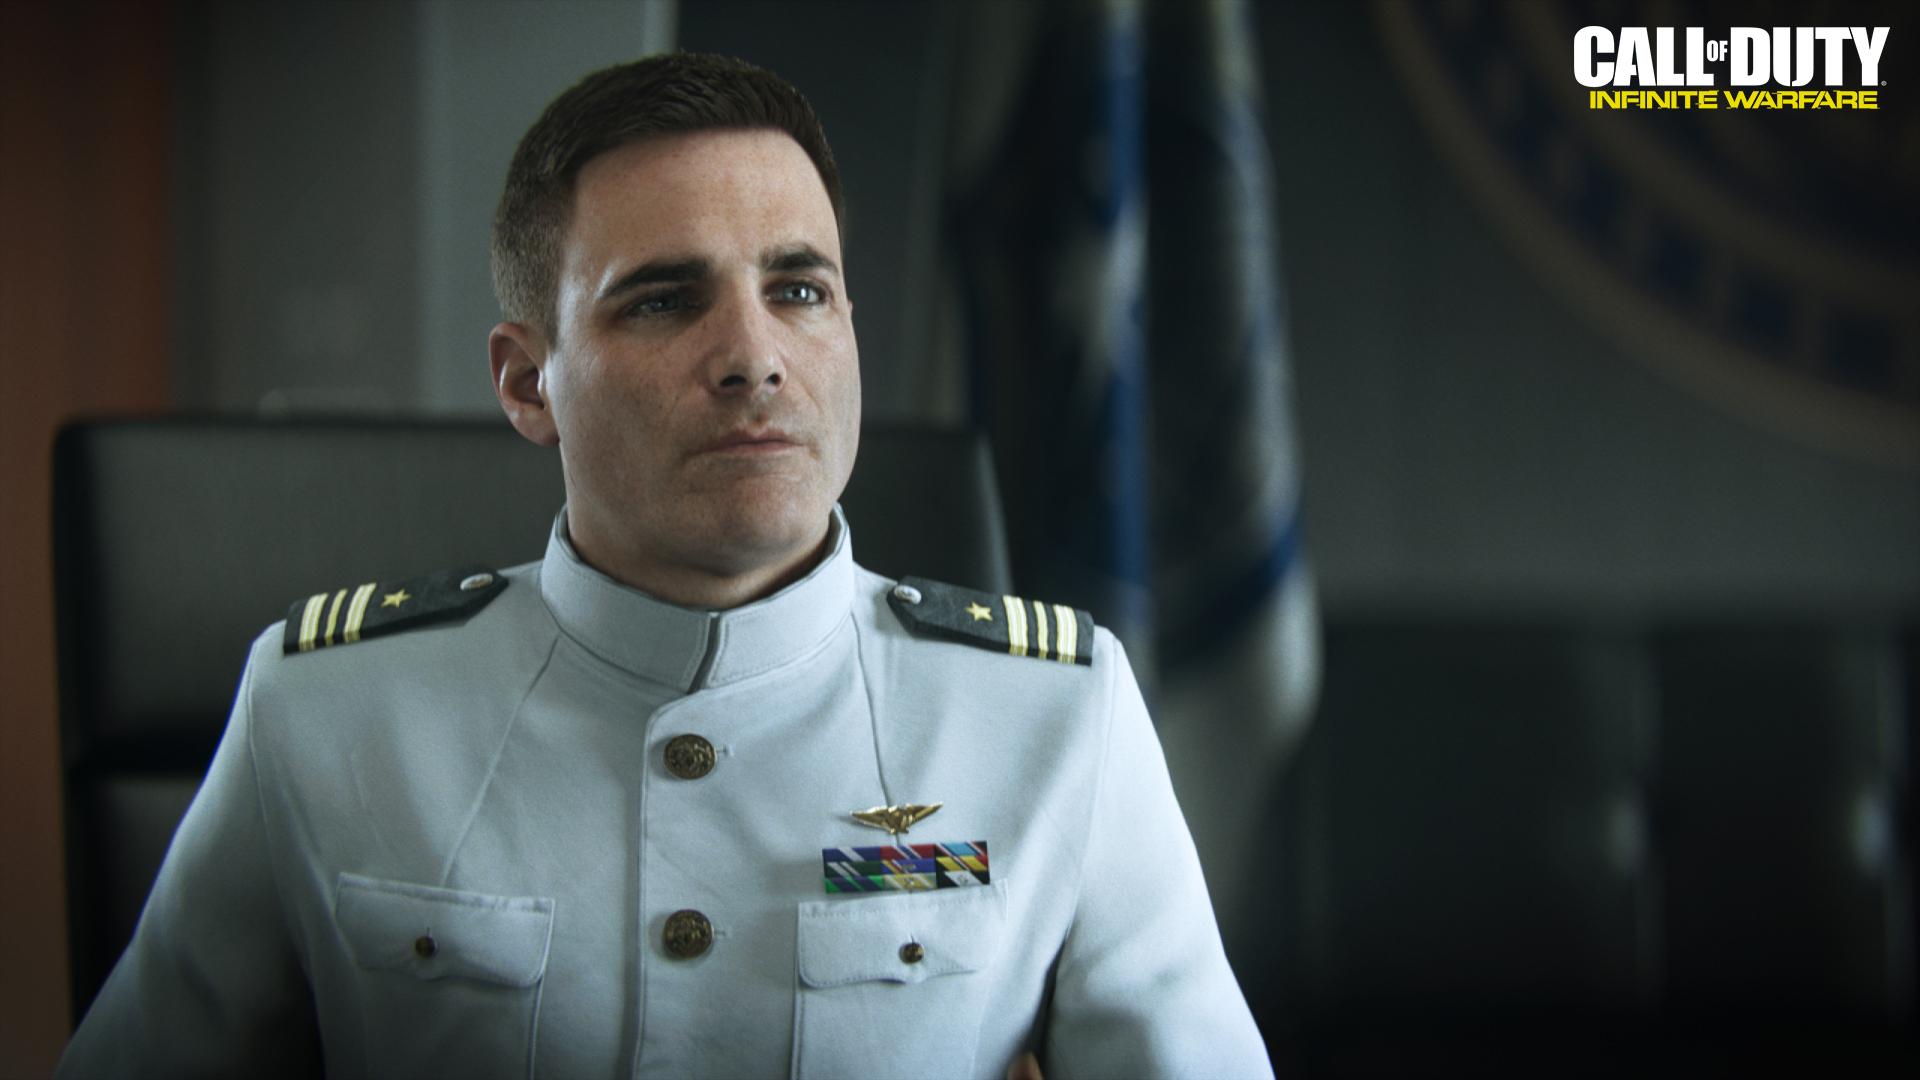 [Amazon.de/Steam Code] Call Of Duty Infinite Warfare (nur 31,99 mit Prime)